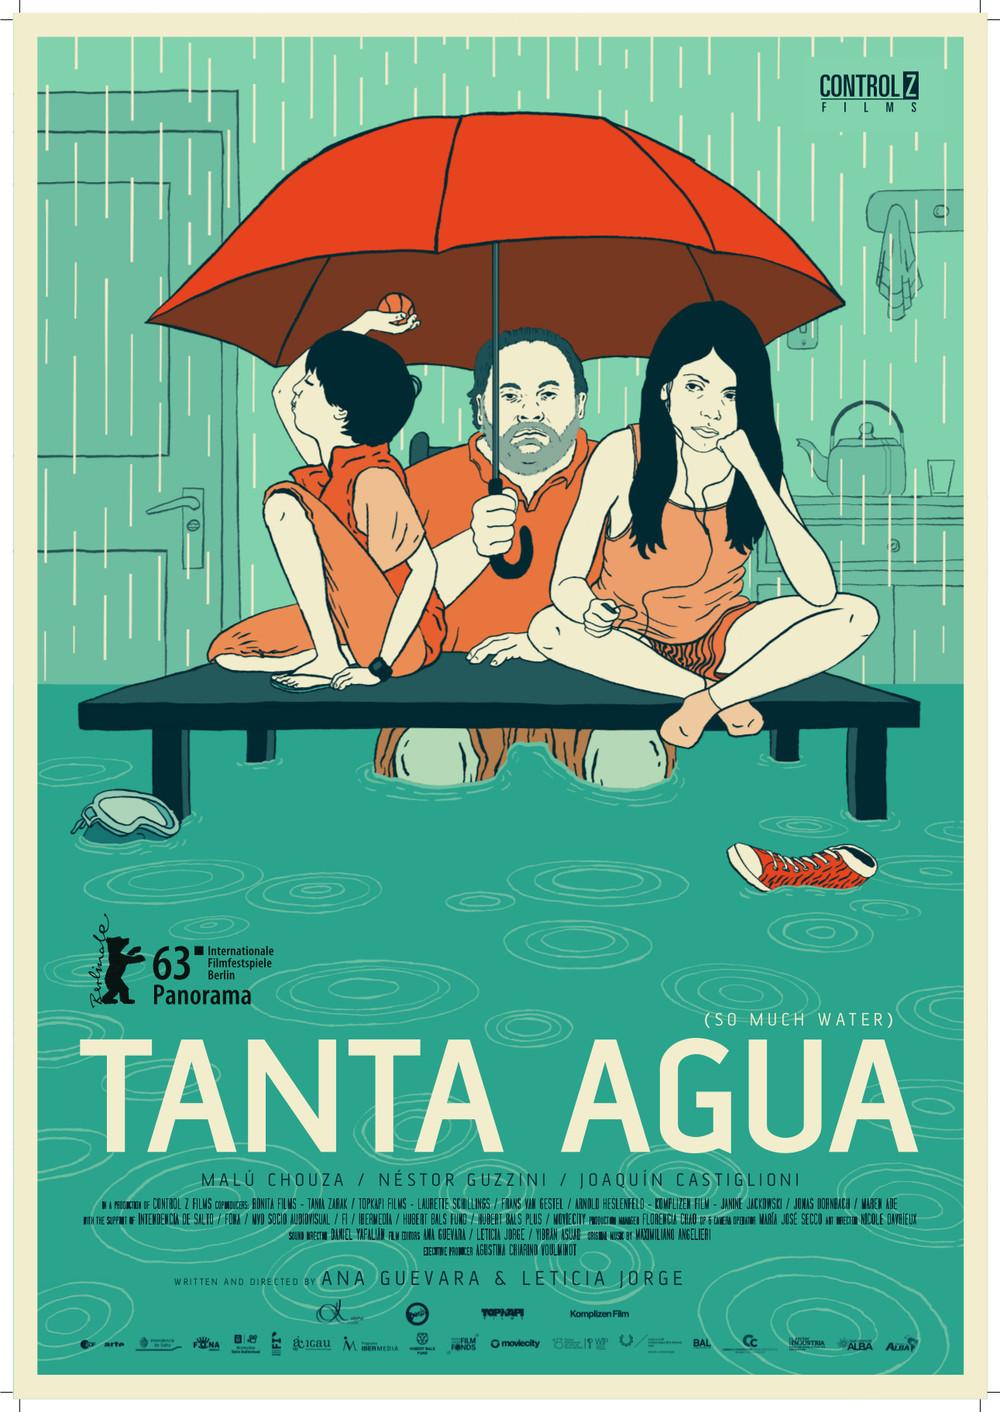 2013_Tanta_Agua_Komplizen_Film.jpg